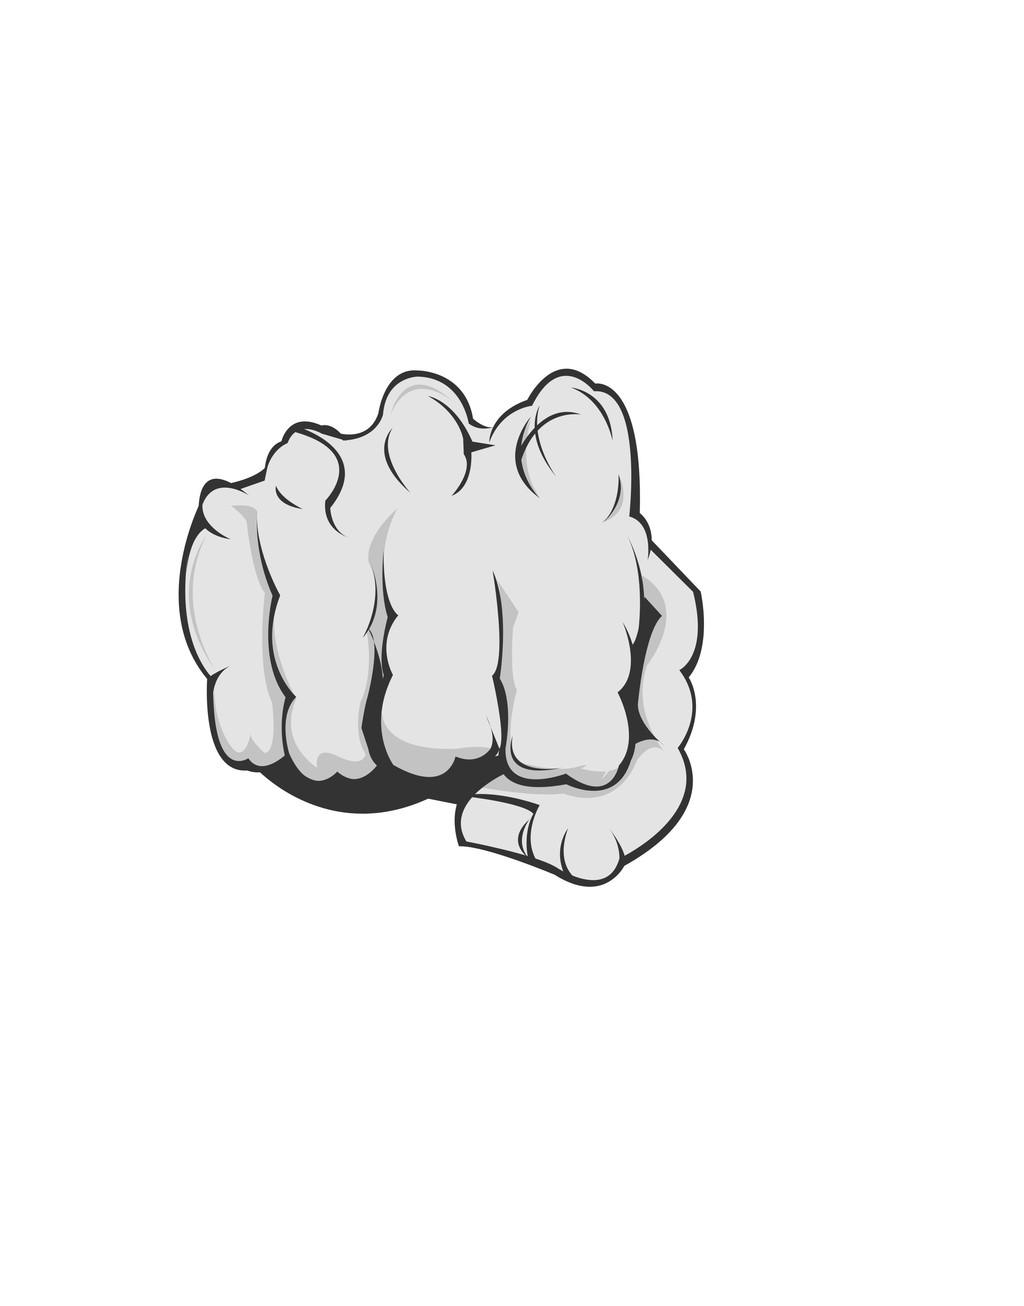 欧美插画广告平面设计素材拳头手